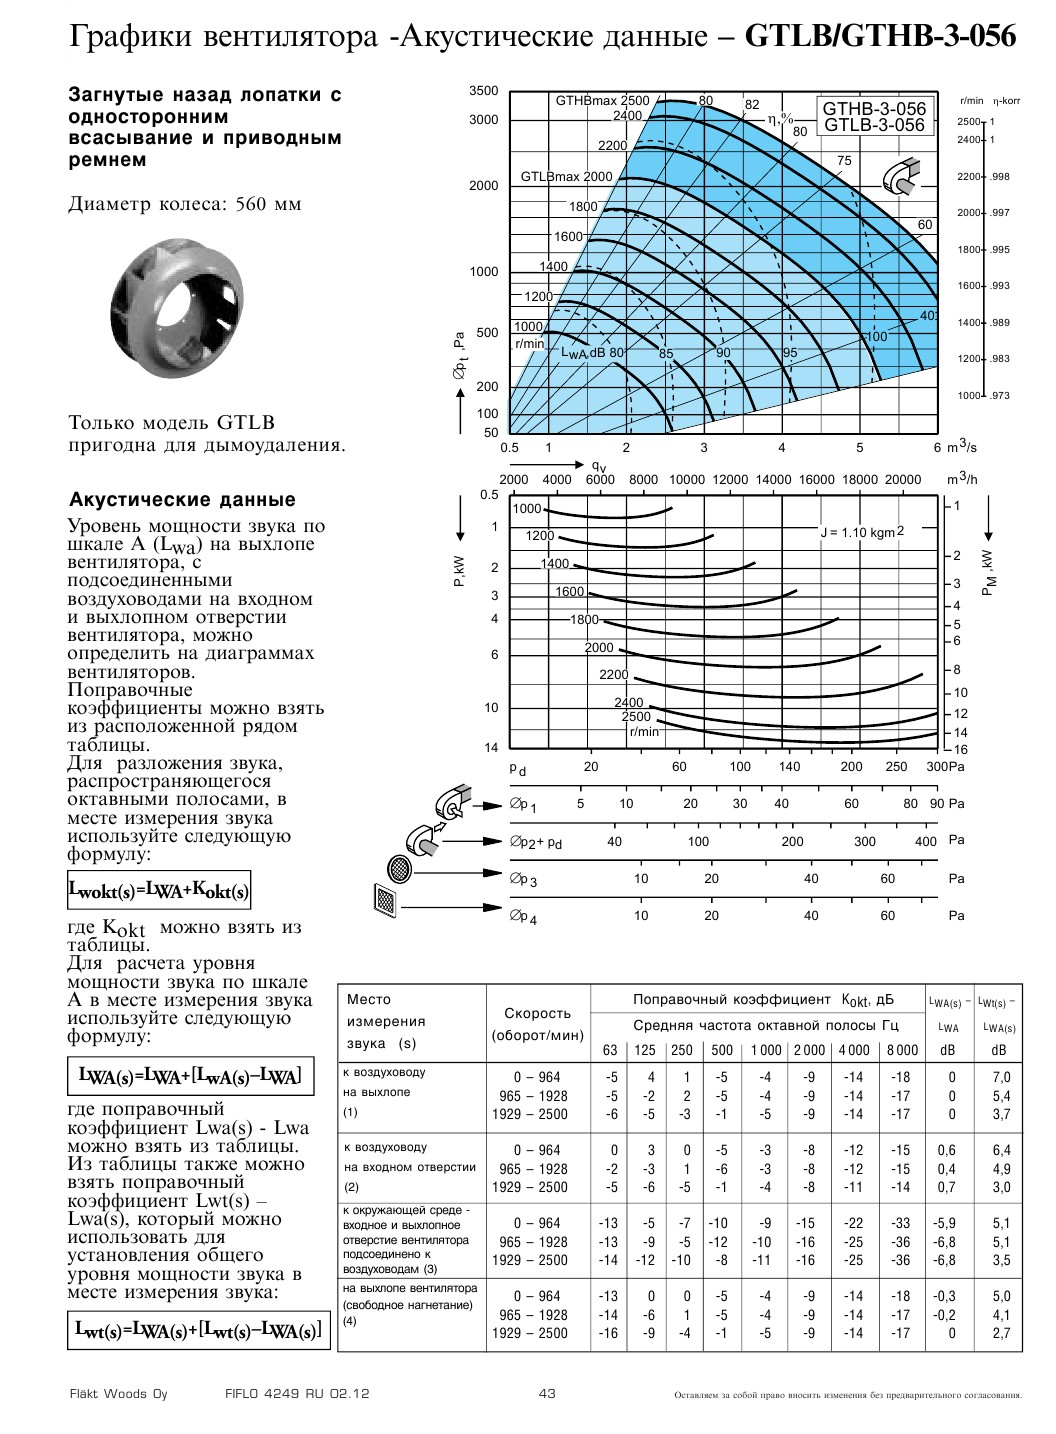 График подбора рабочей точки Flaktwoods GTHB-3-056